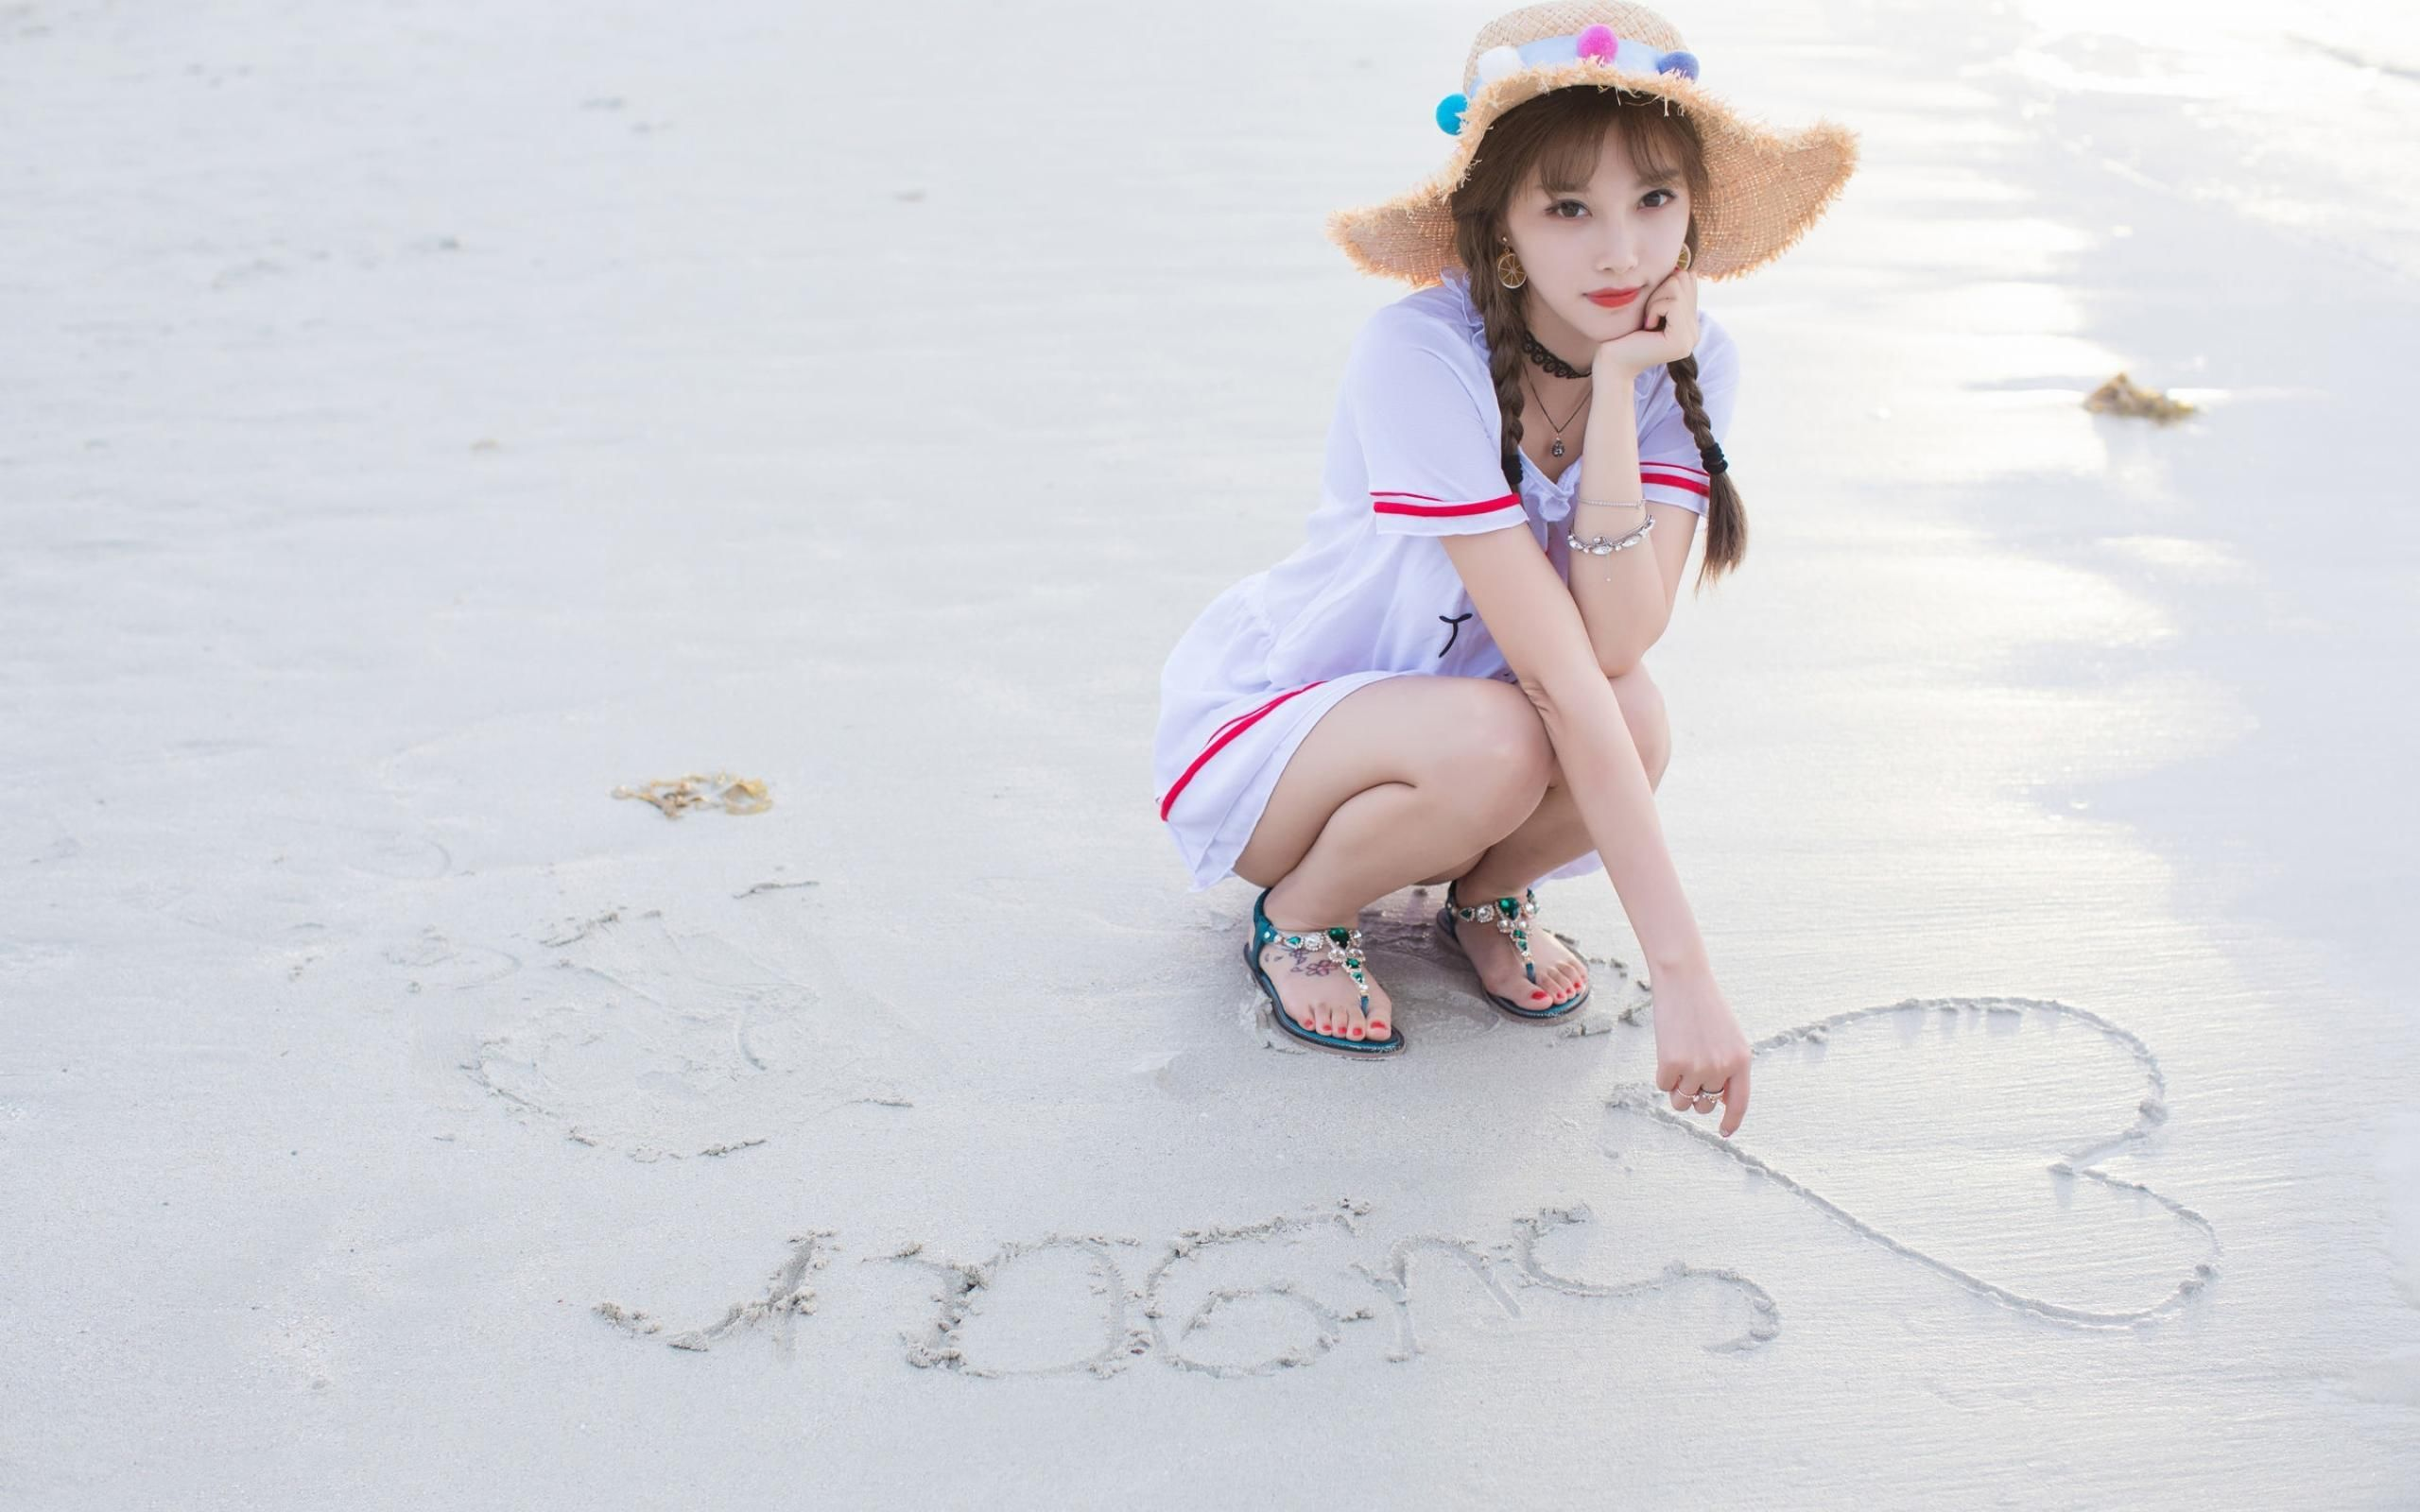 好可爱的小美女,海边摄影写真,清新靓丽,迷人插图(4)